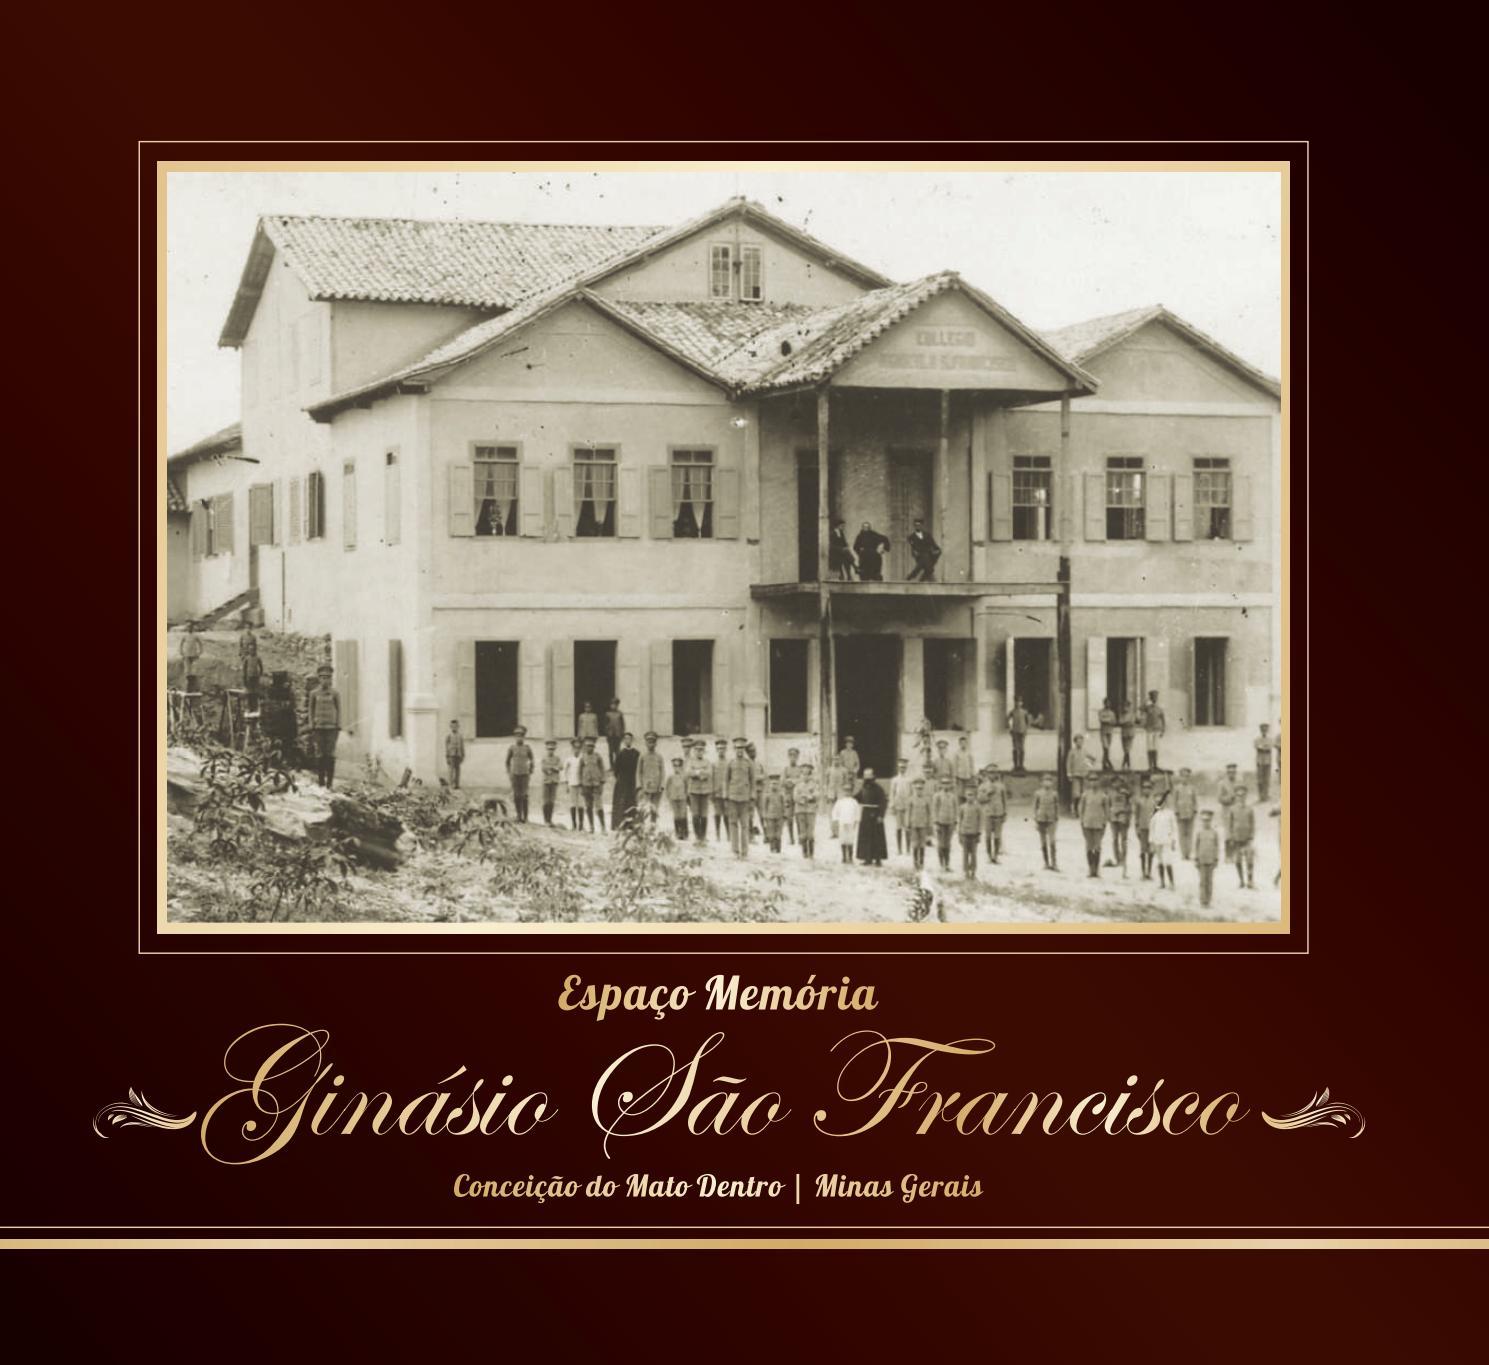 Espaço Memória Ginásio São Francisco Instituto Espinhaço by Instituto  Espinhaço - issuu 7d0fdcc92abf3